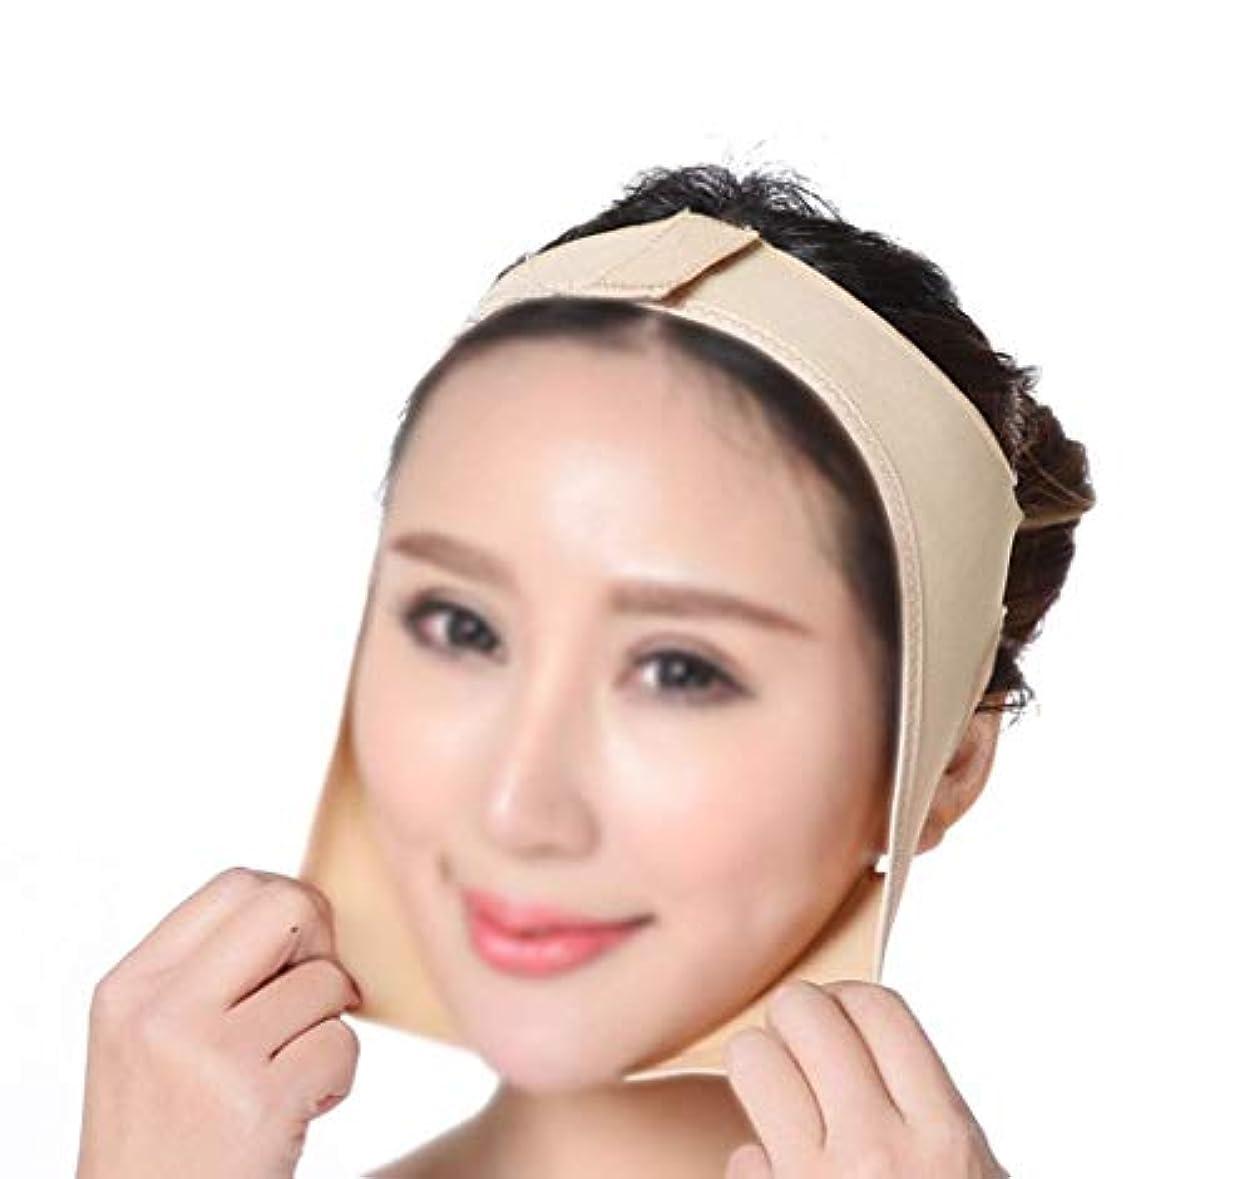 手首ブラザー性別ファーミングフェイスマスク、通気性フェイスバンデージVフェイスデバイススリープ薄型フェイスマスクフェイスマッサージ器具フェイスリフティングフェイスリフティングツール(サイズ:Xl),XXL